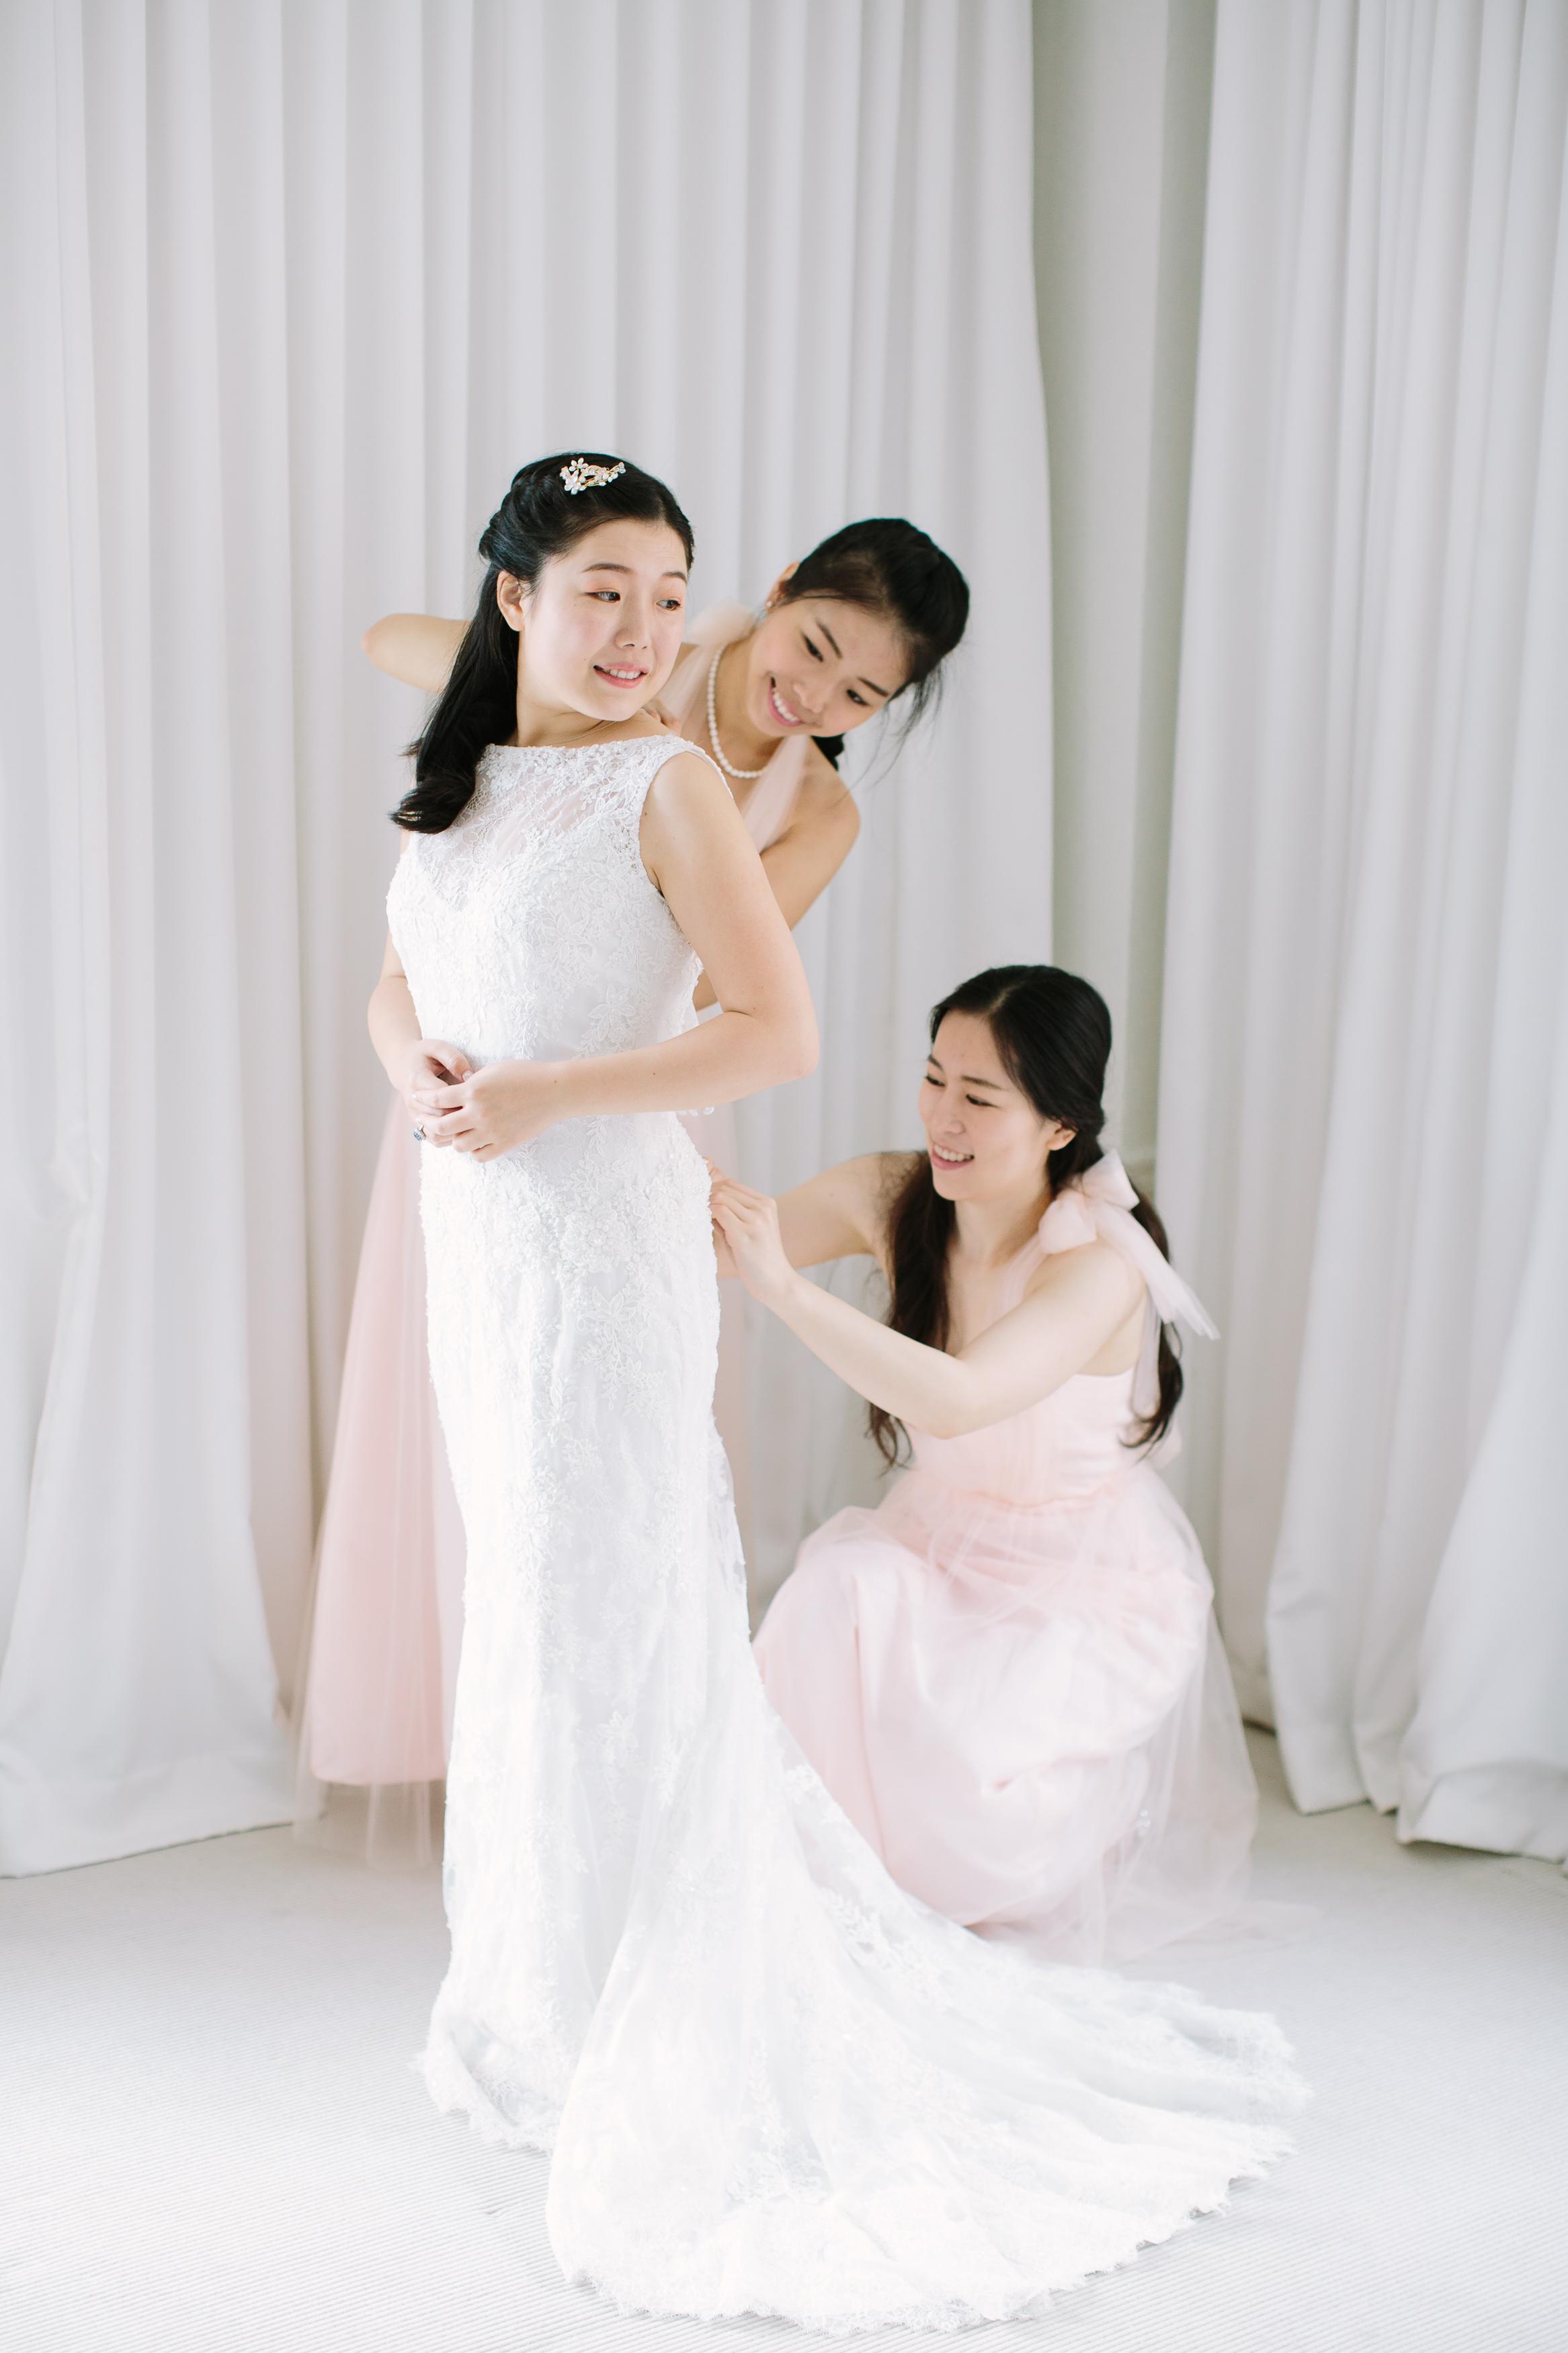 Nicodem Creative-Wang Wedding-Public Hotel Chicago-5.jpg